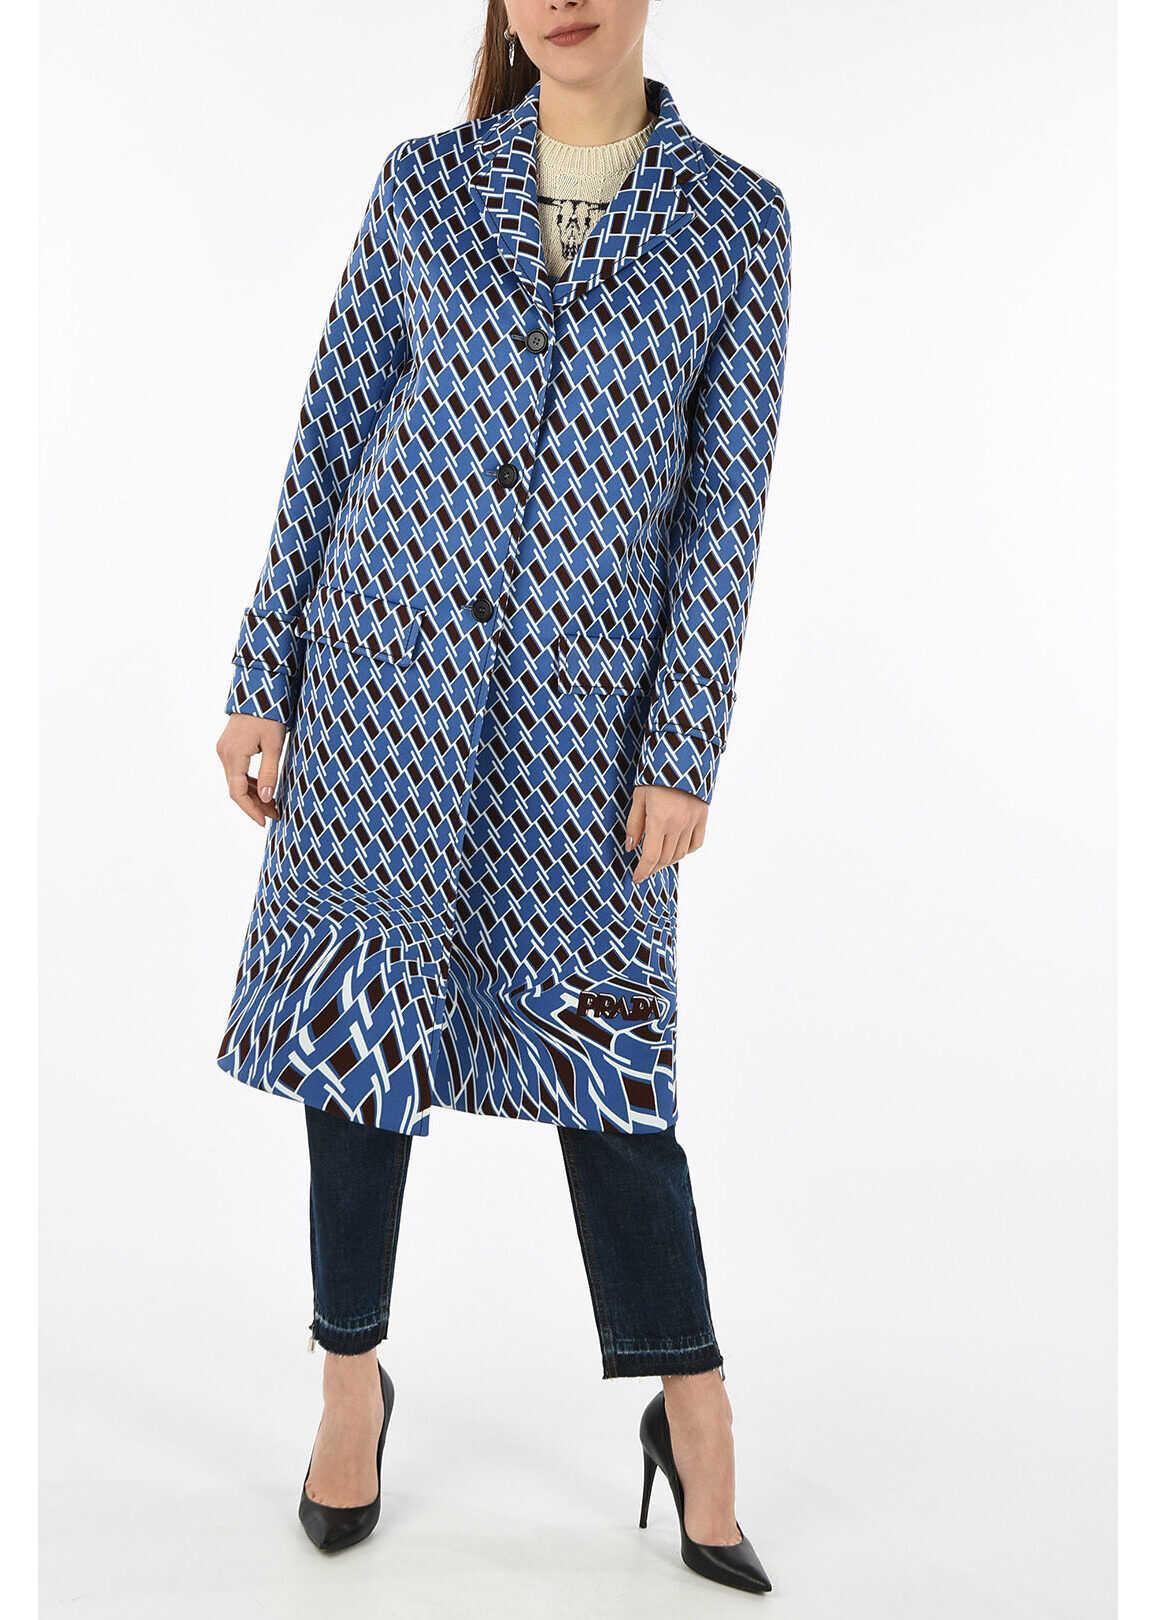 Prada printed coat BLUE